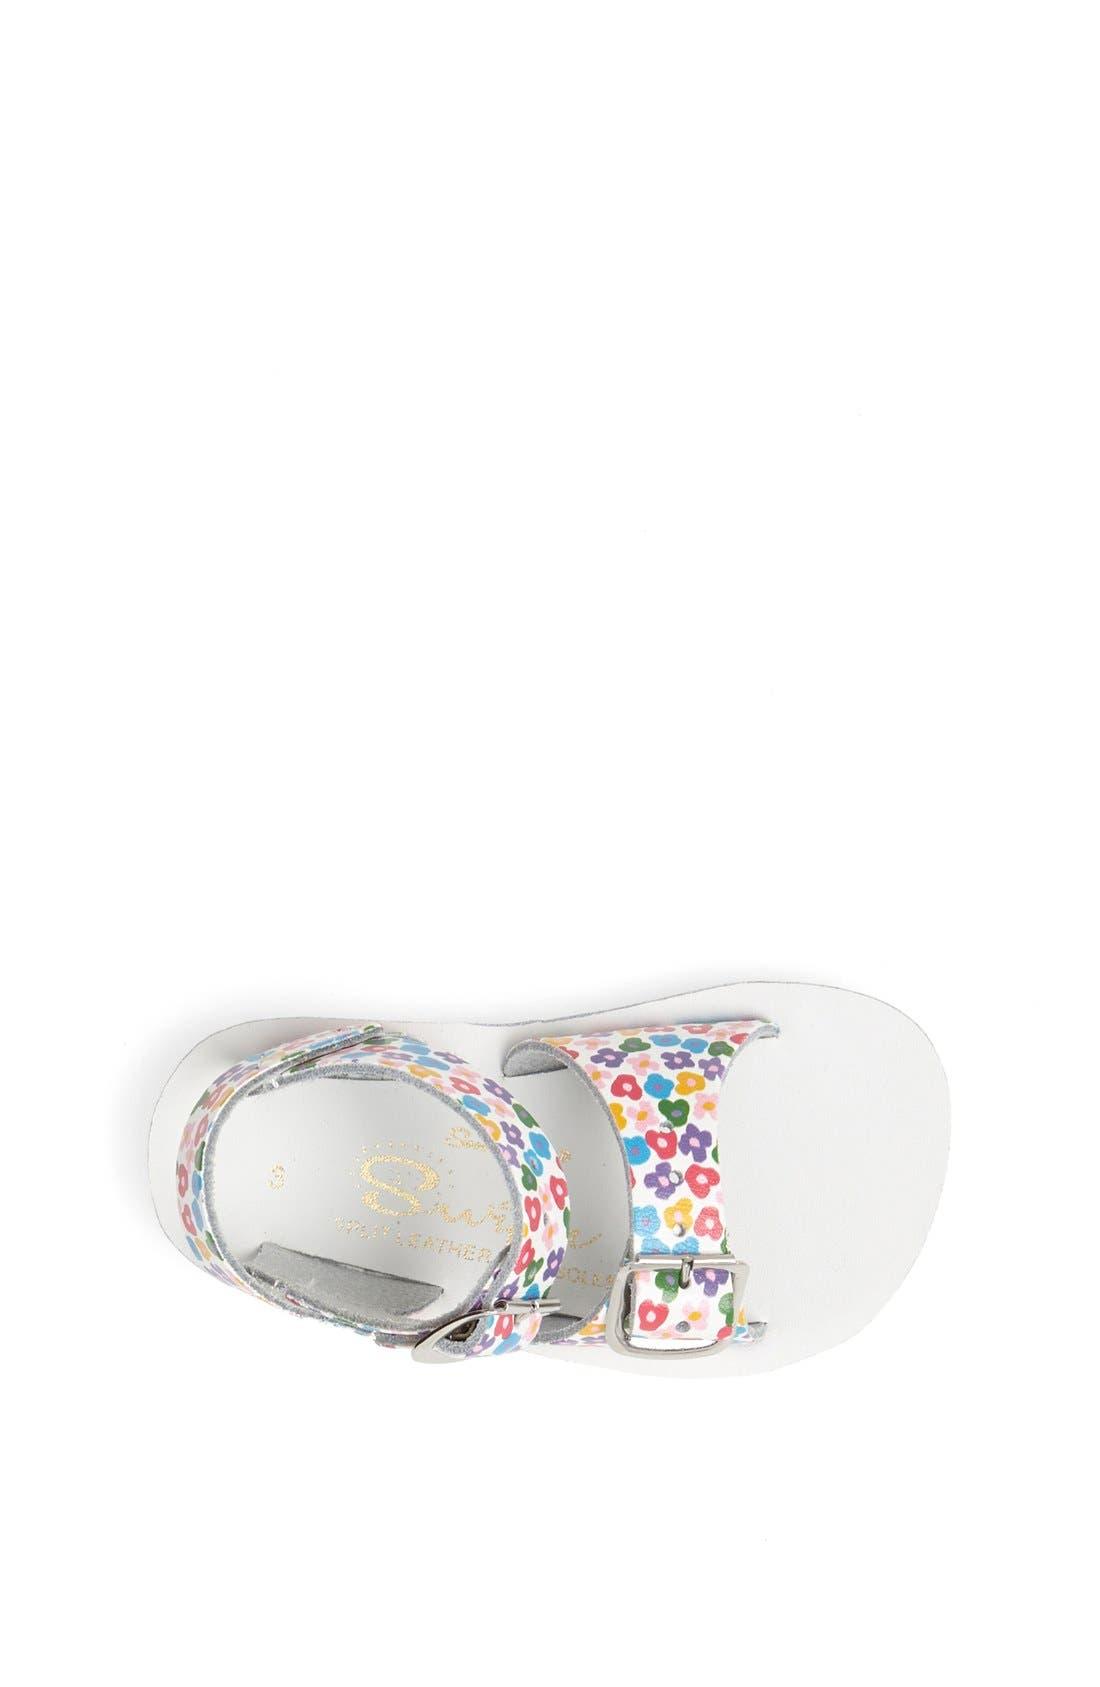 Hoy Shoe Salt-Water<sup>®</sup> Sandals 'Surfer' Sandal,                             Alternate thumbnail 4, color,                             100